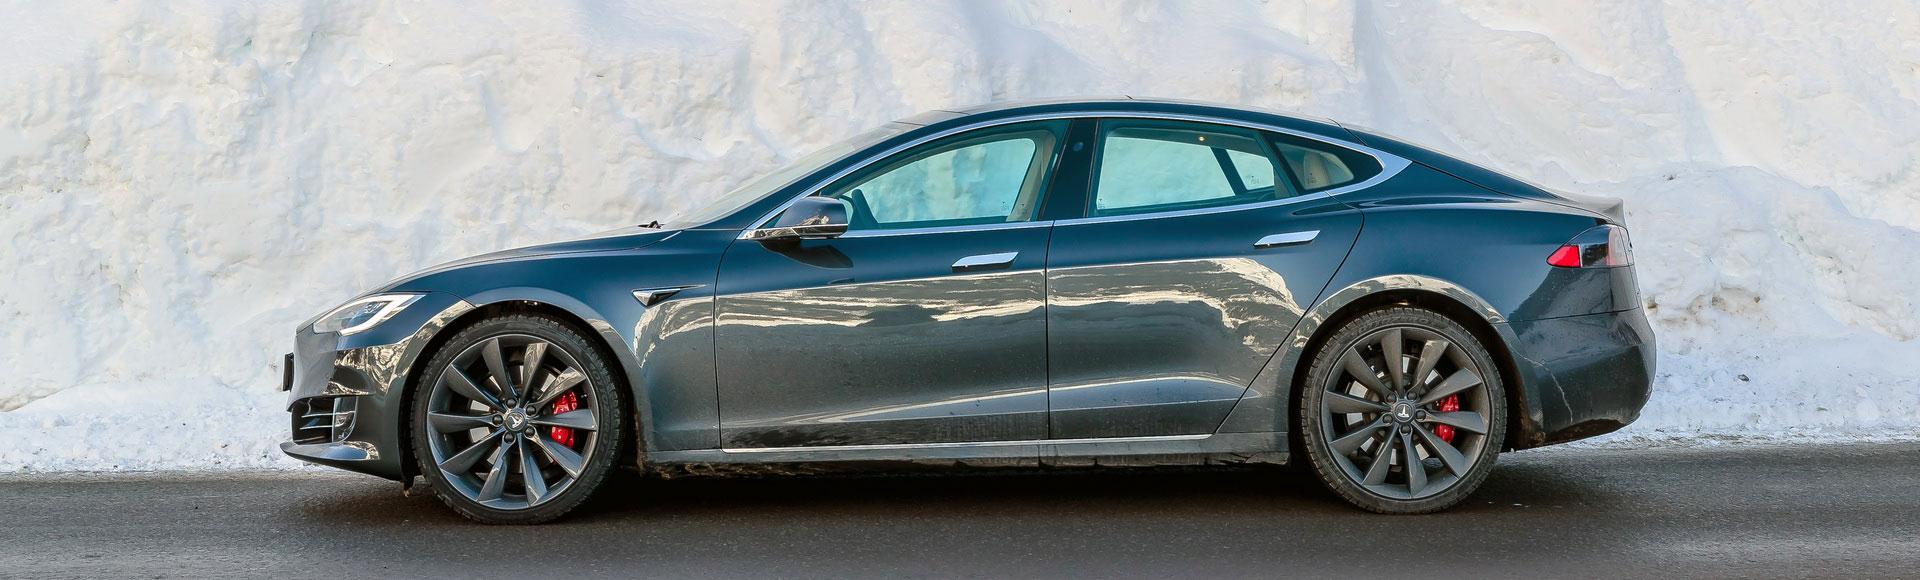 Tesla Model S Winter 3763